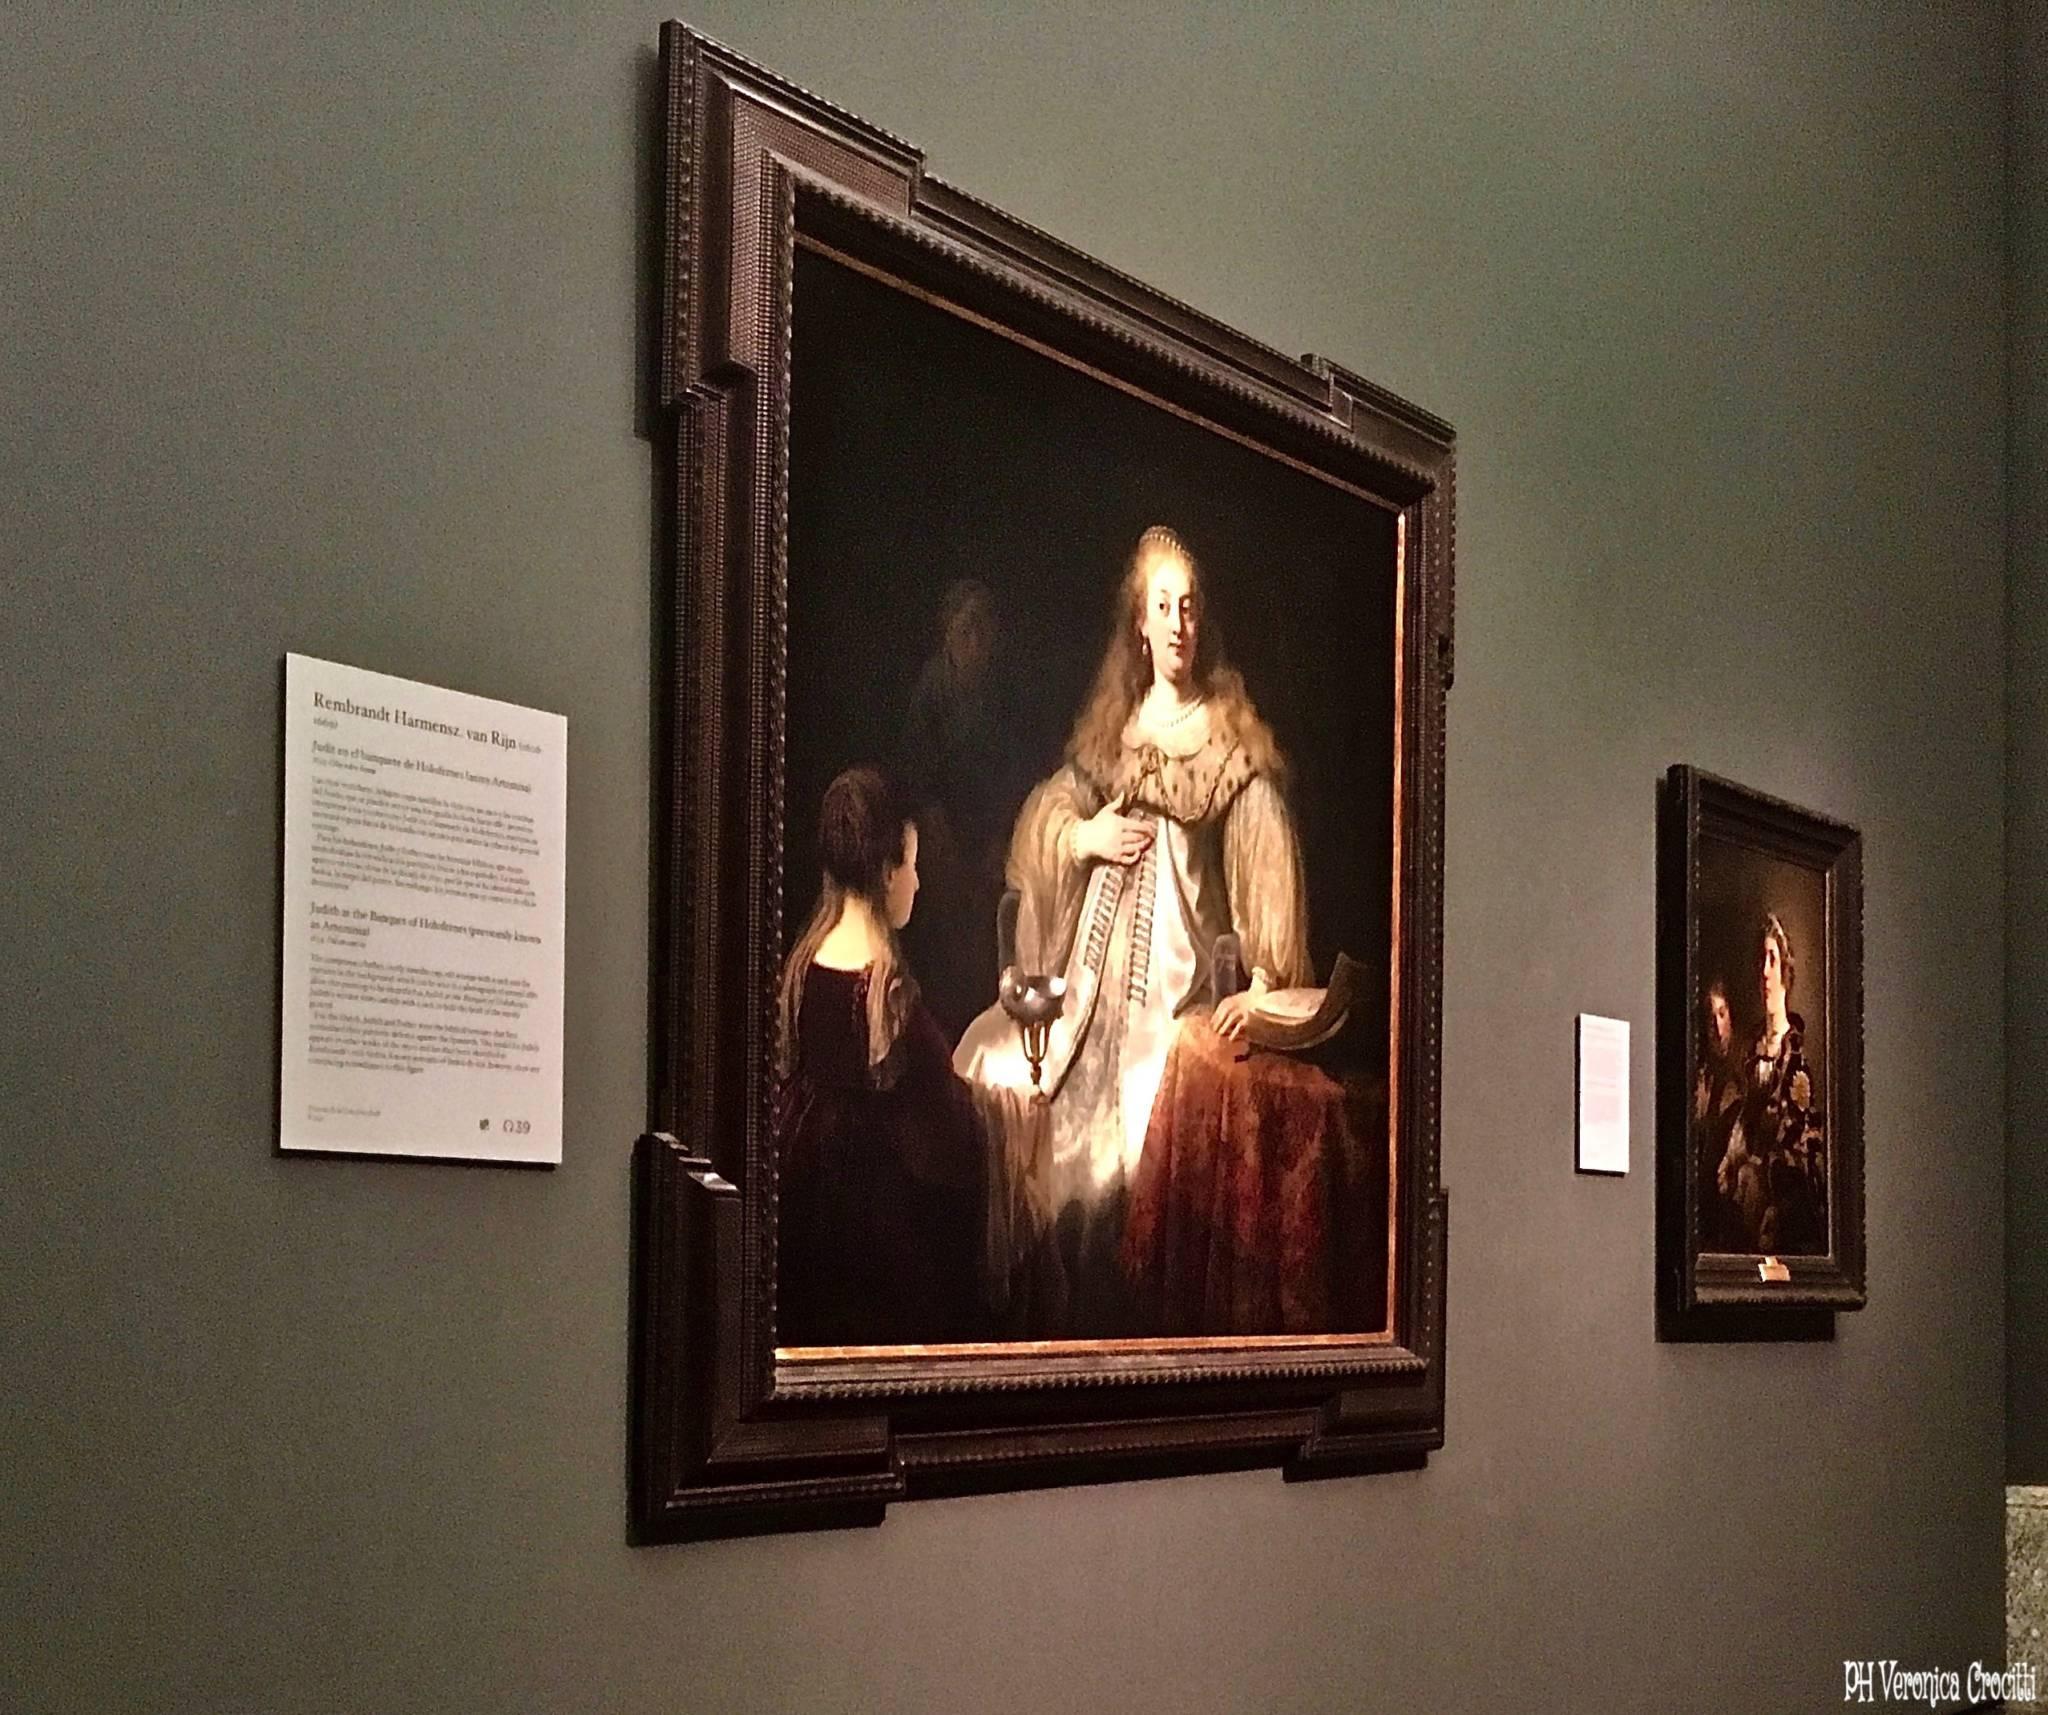 Giuditta al banchetto di Oloferne, Rembrandt. Museo del Prado - Madrid, Spagna